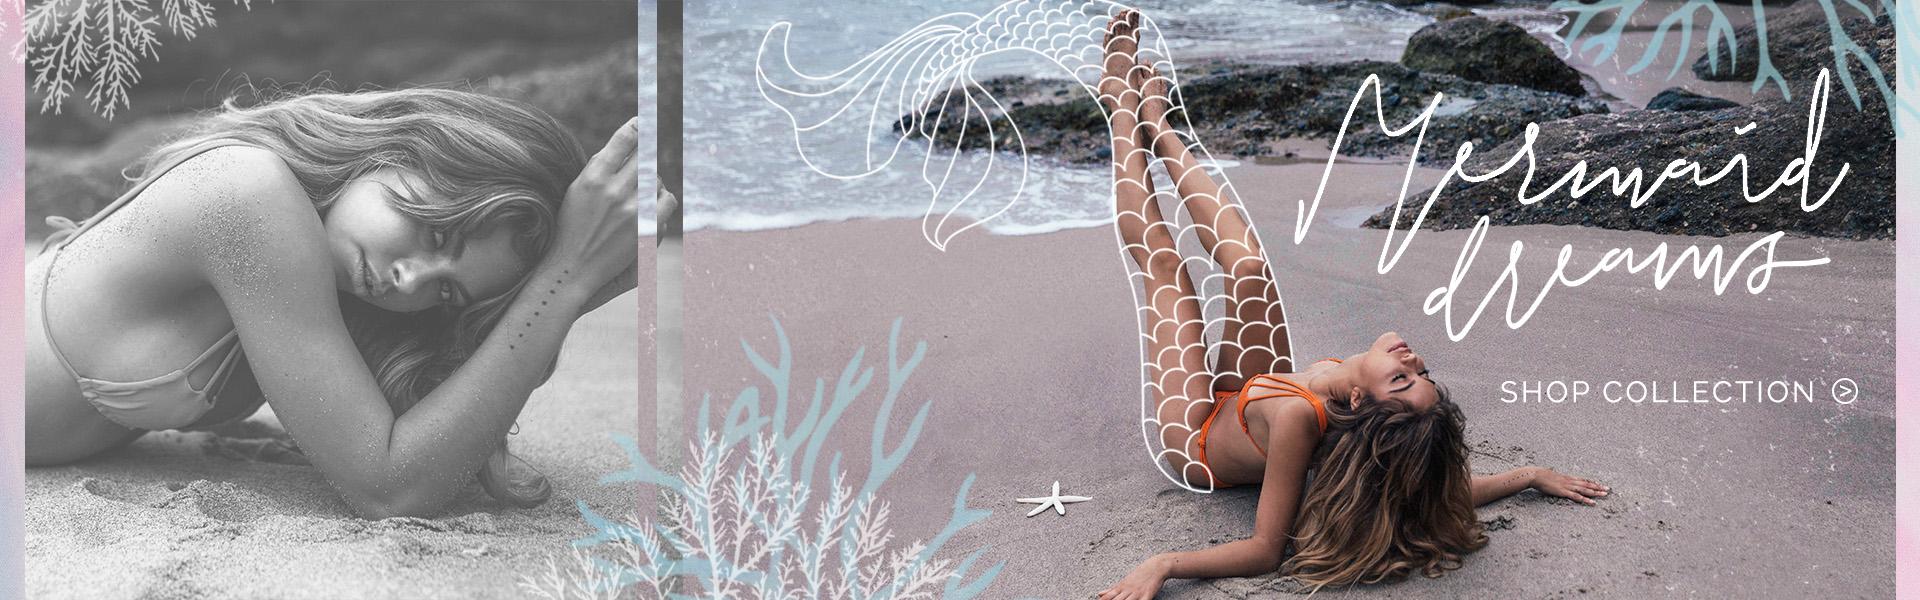 WB_full-AUG-mermaiddreams-REDIT.jpg